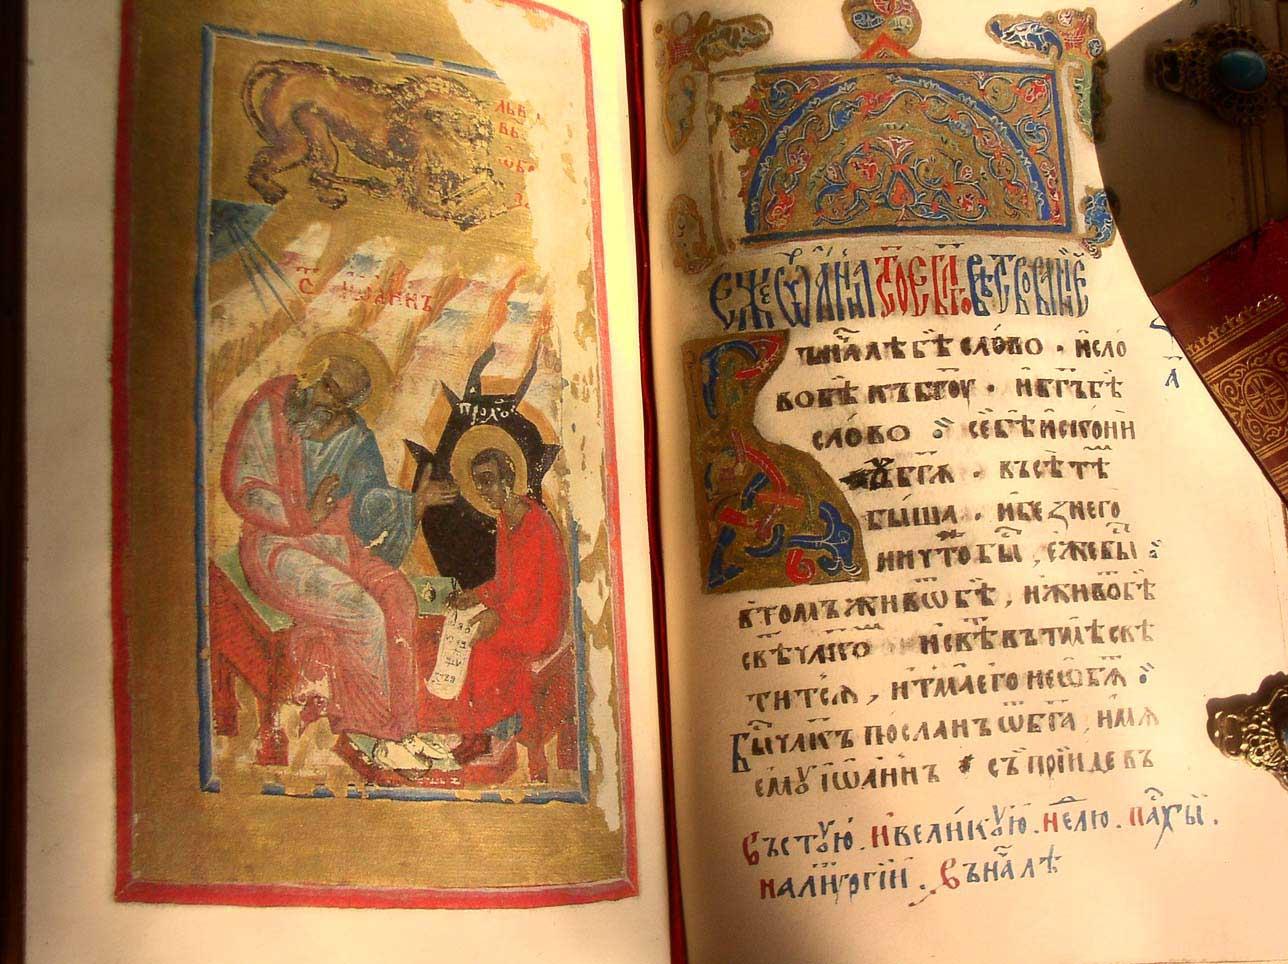 Евангелие от иоанна 3 глава в те дни приходит иоанн креститель и проповедует в пустыне иудейскойи говорит: покайтесь